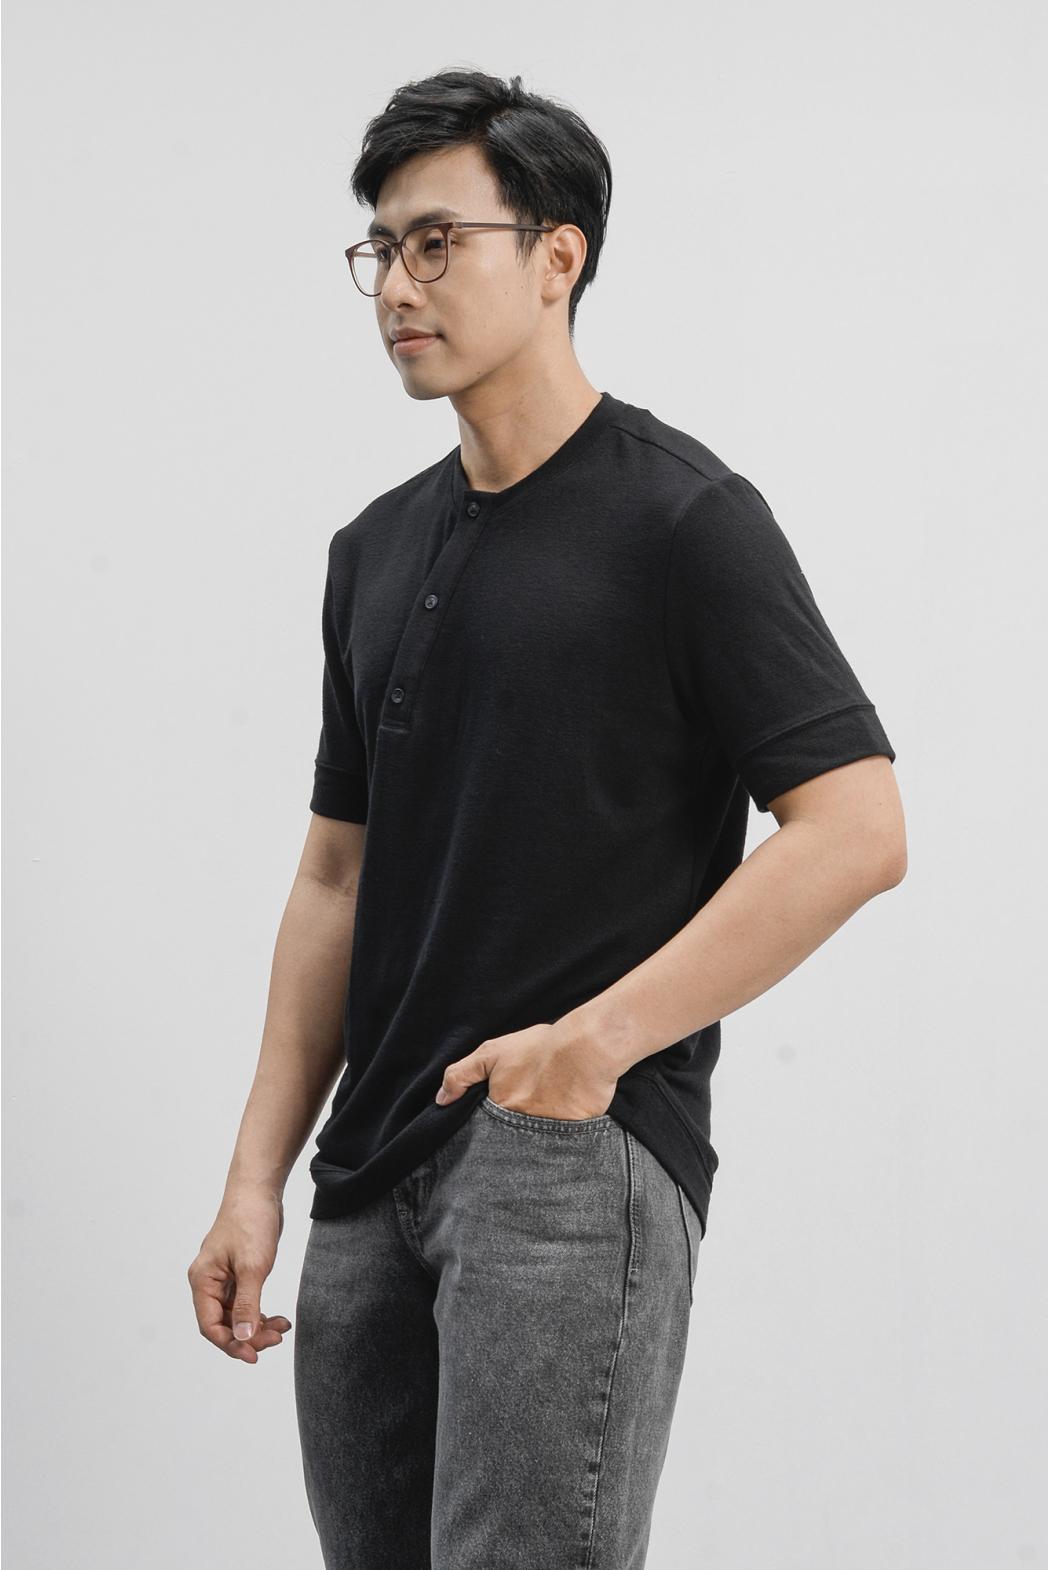 Áo thun ngắn tay, henley nẹp xéo. REGULAR form - 10S21TSH014